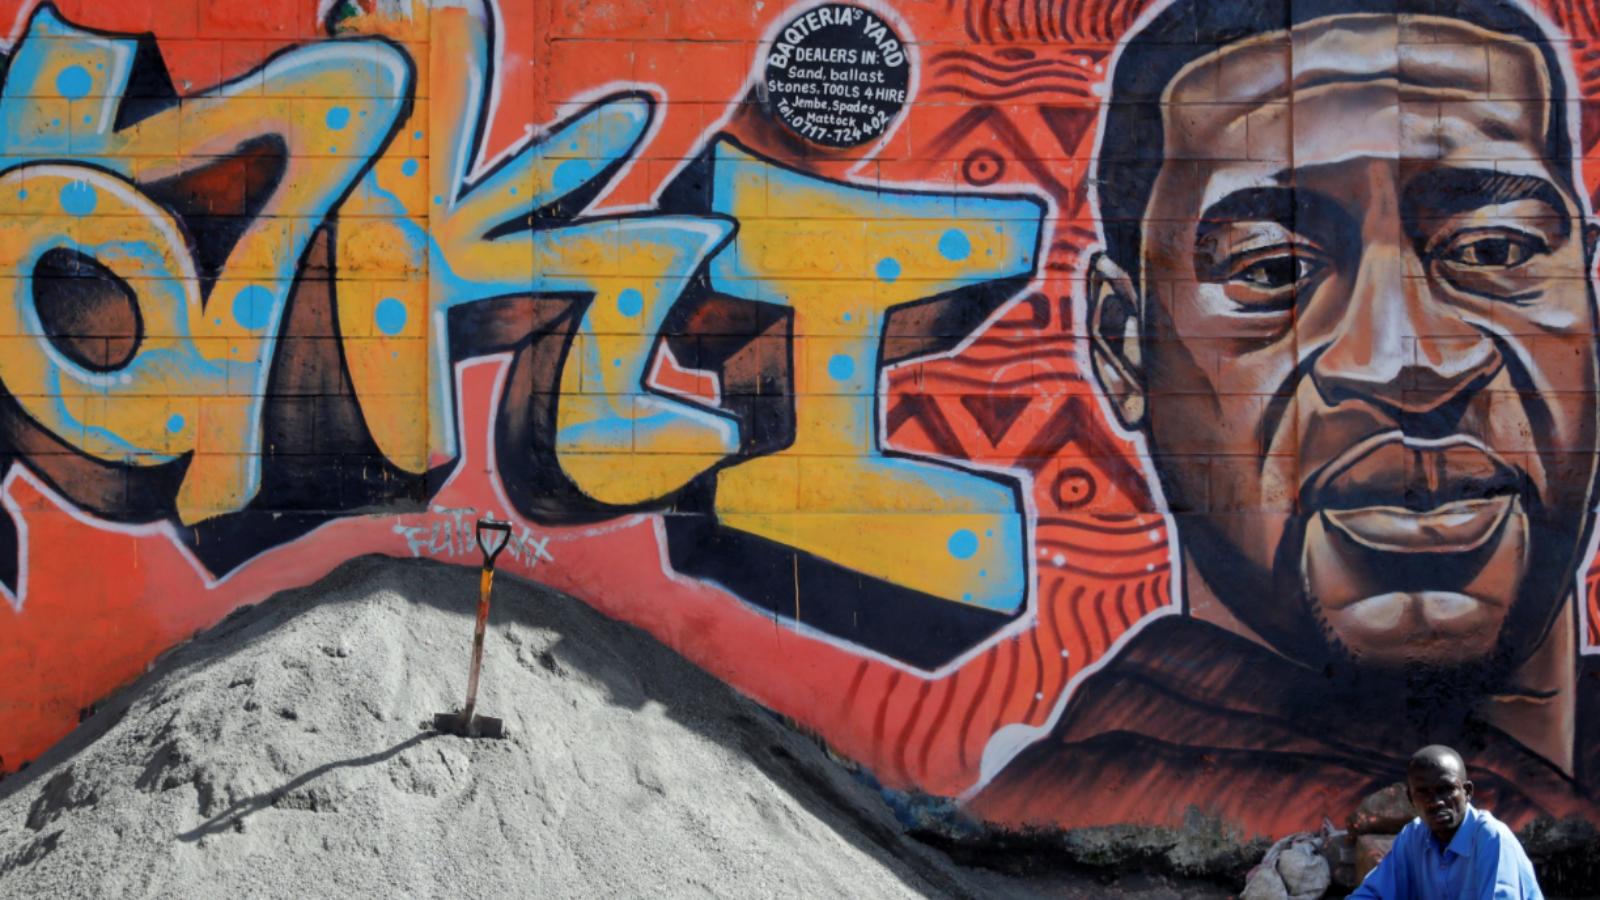 A picture of a mural in Kibera, Nairobi